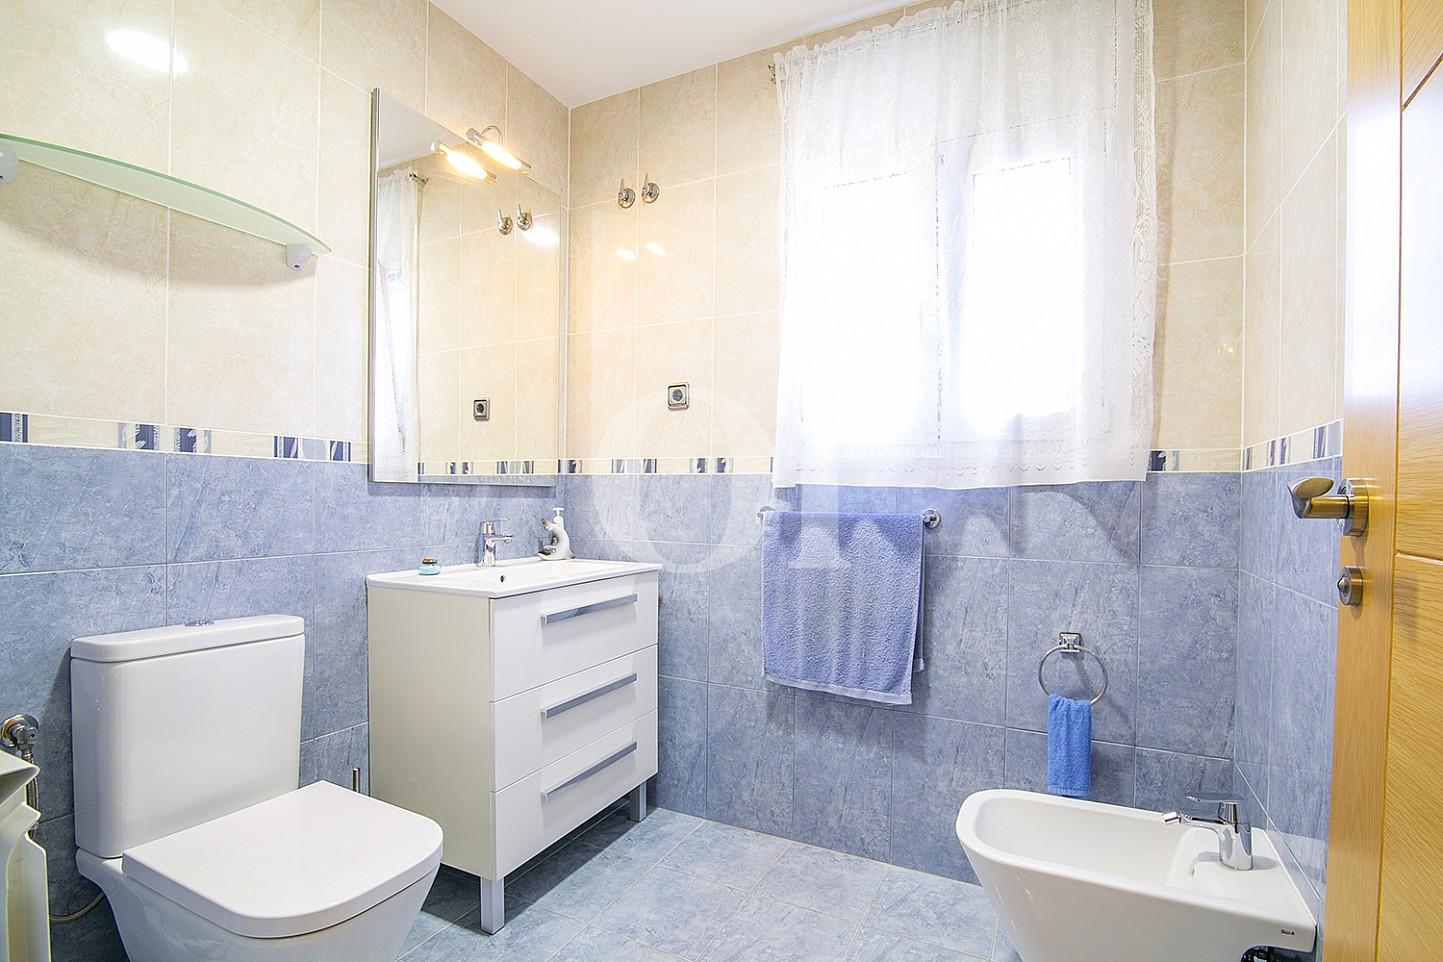 Badezimmer  eines Hauses mit Anblicken zum Verkauf in Lloret de Mar, Costa Brava